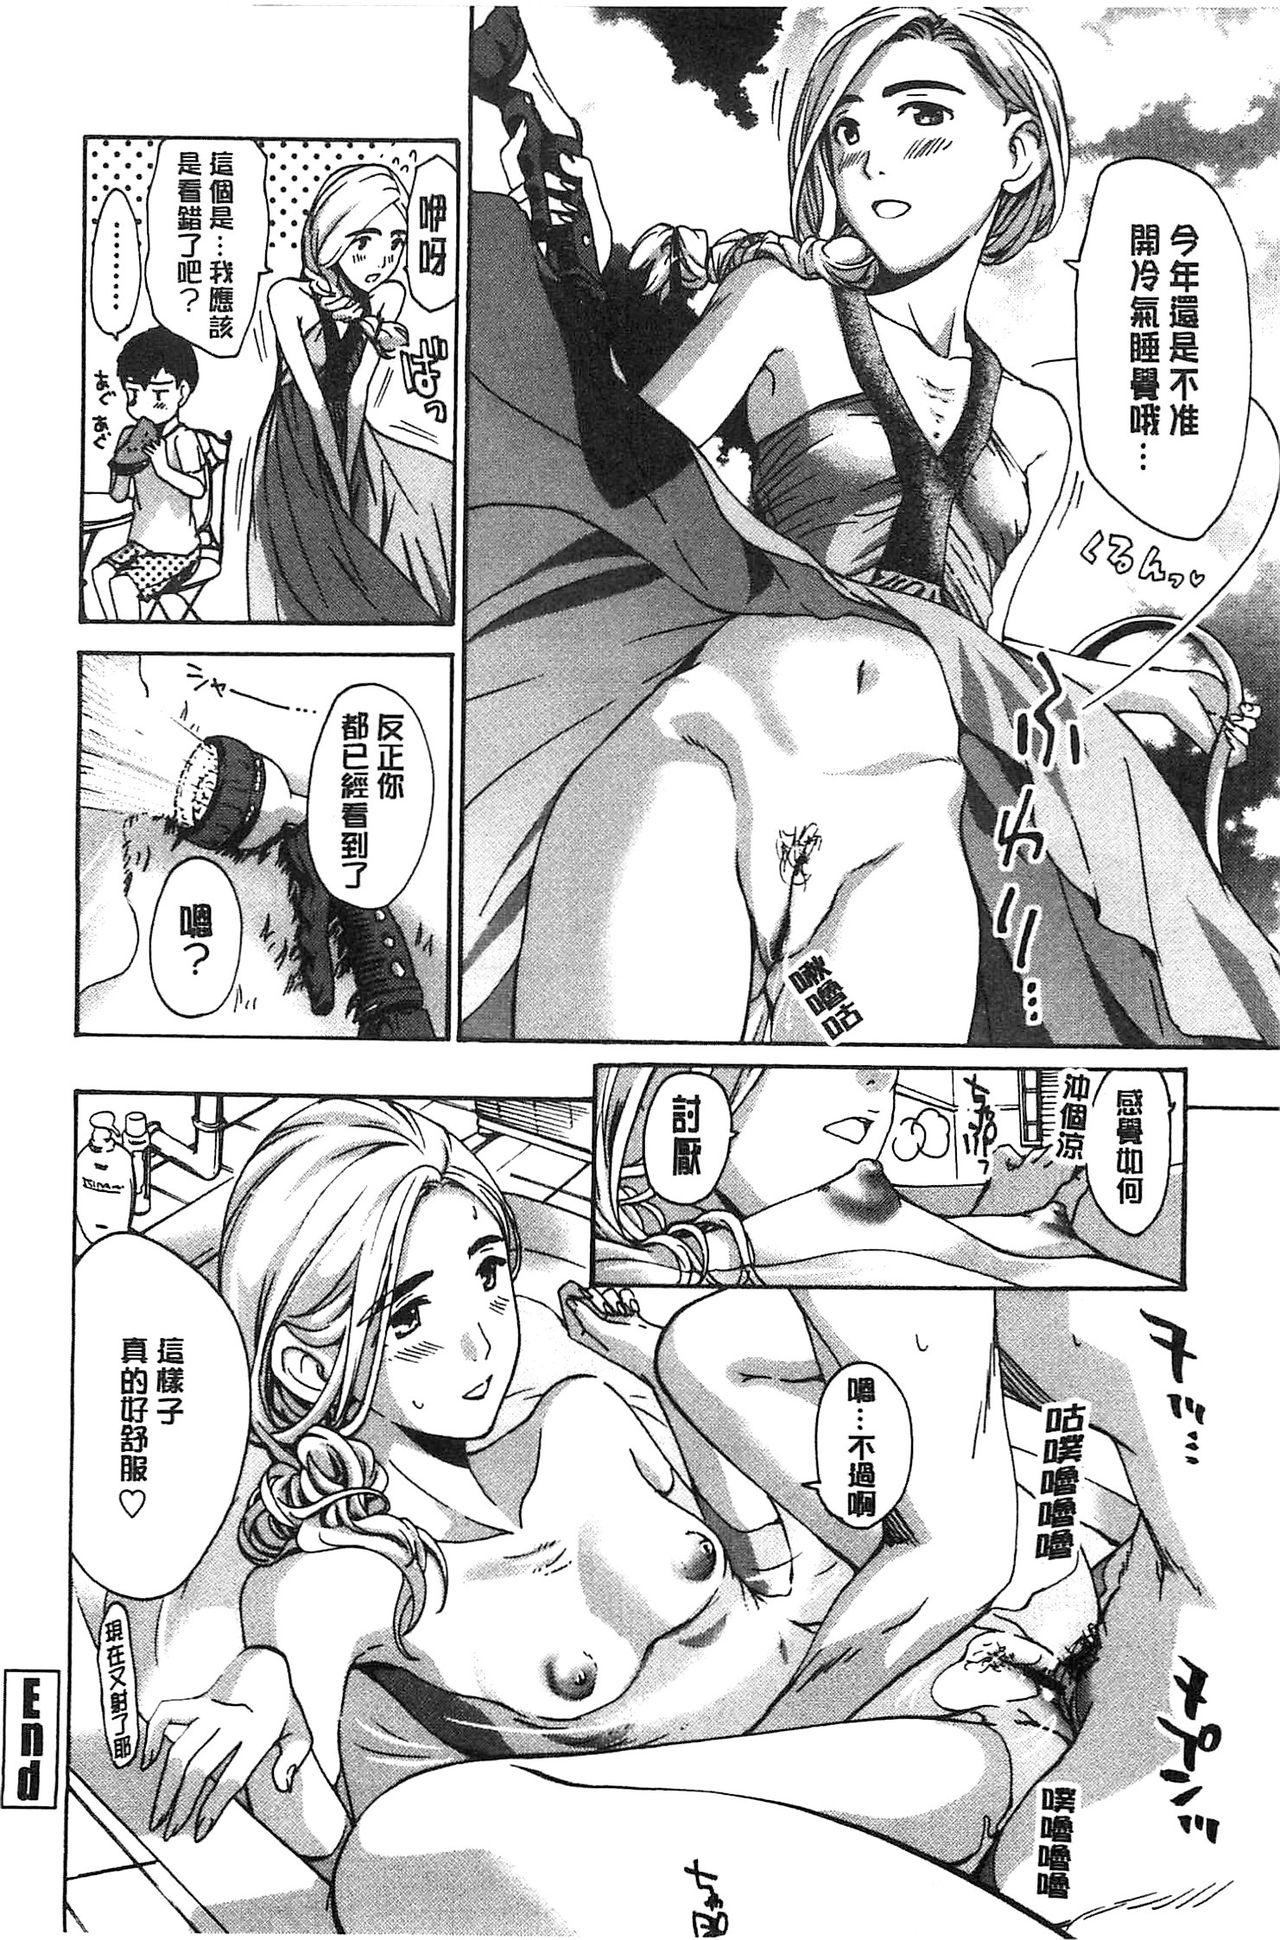 Watashito Iikoto Shiyo? 178